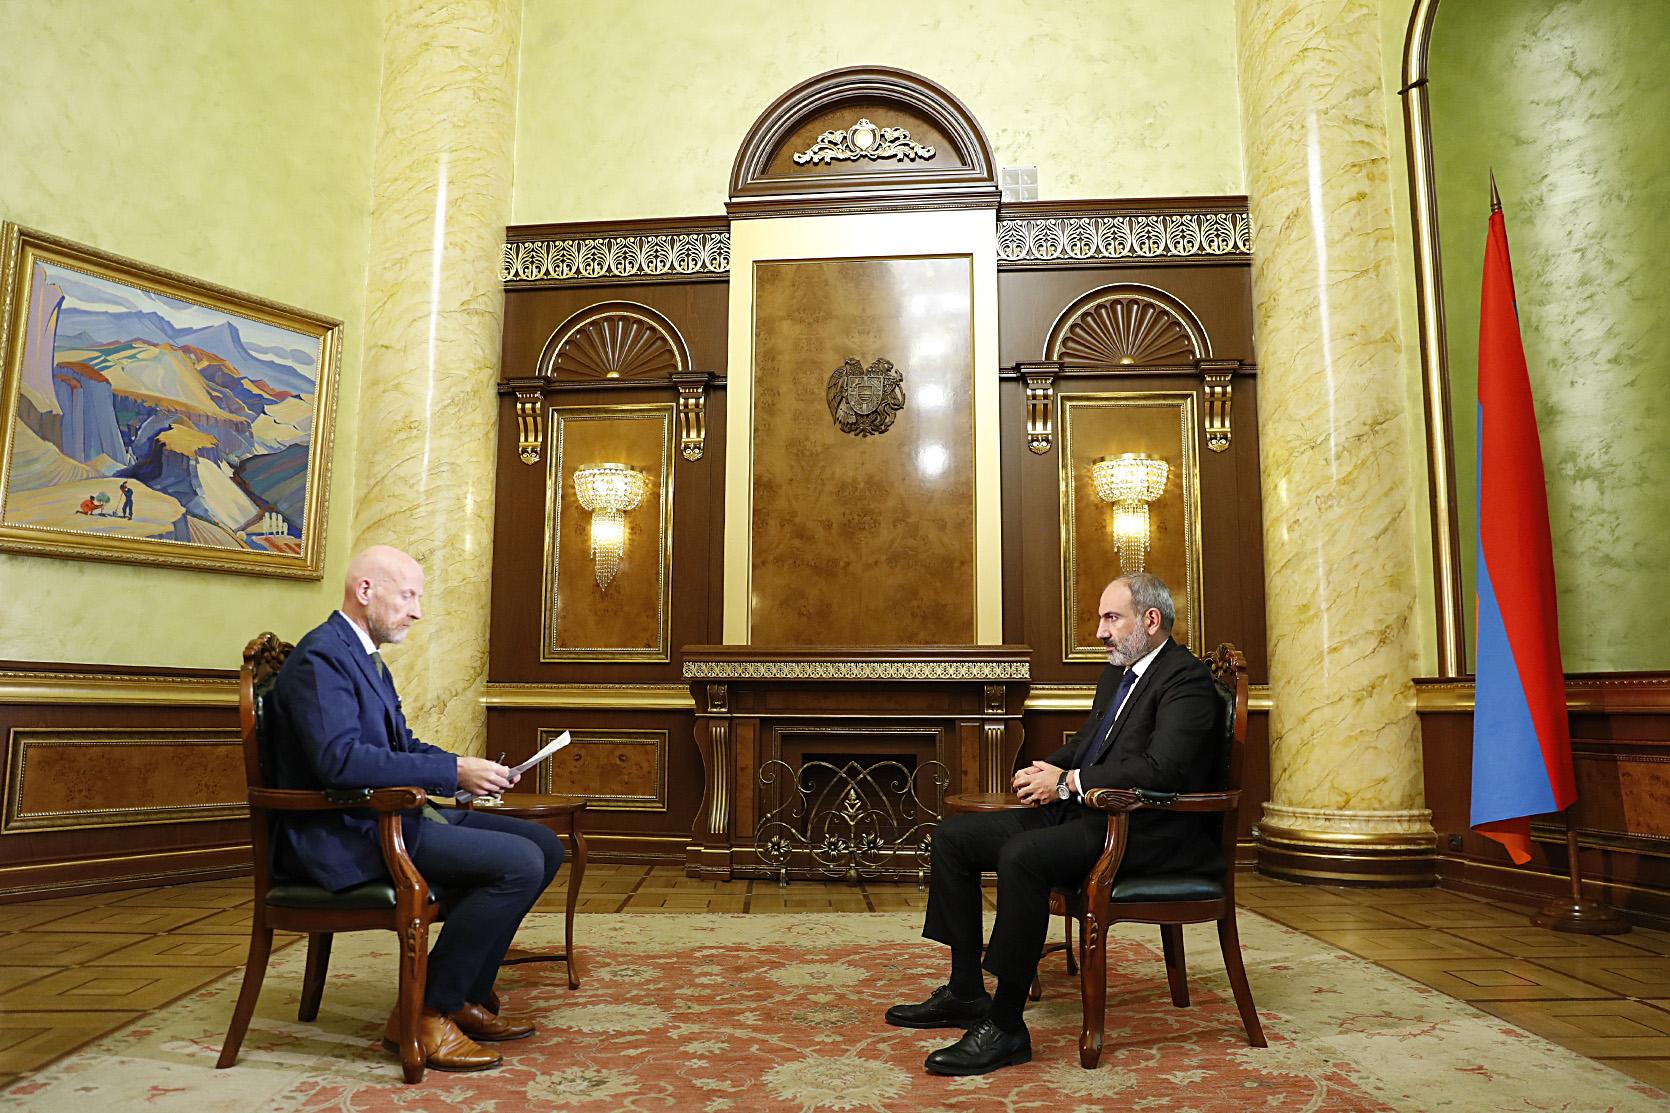 Photo of ԼՂ խնդիրը չունի այլ լուծում, քան խաղաղ լուծումը և ագրեսիային դիմակայելը դե ֆակտո կապացուցի դա. վարչապետի հարցազրույցը՝ «Ալ Ջազիրա»-ին